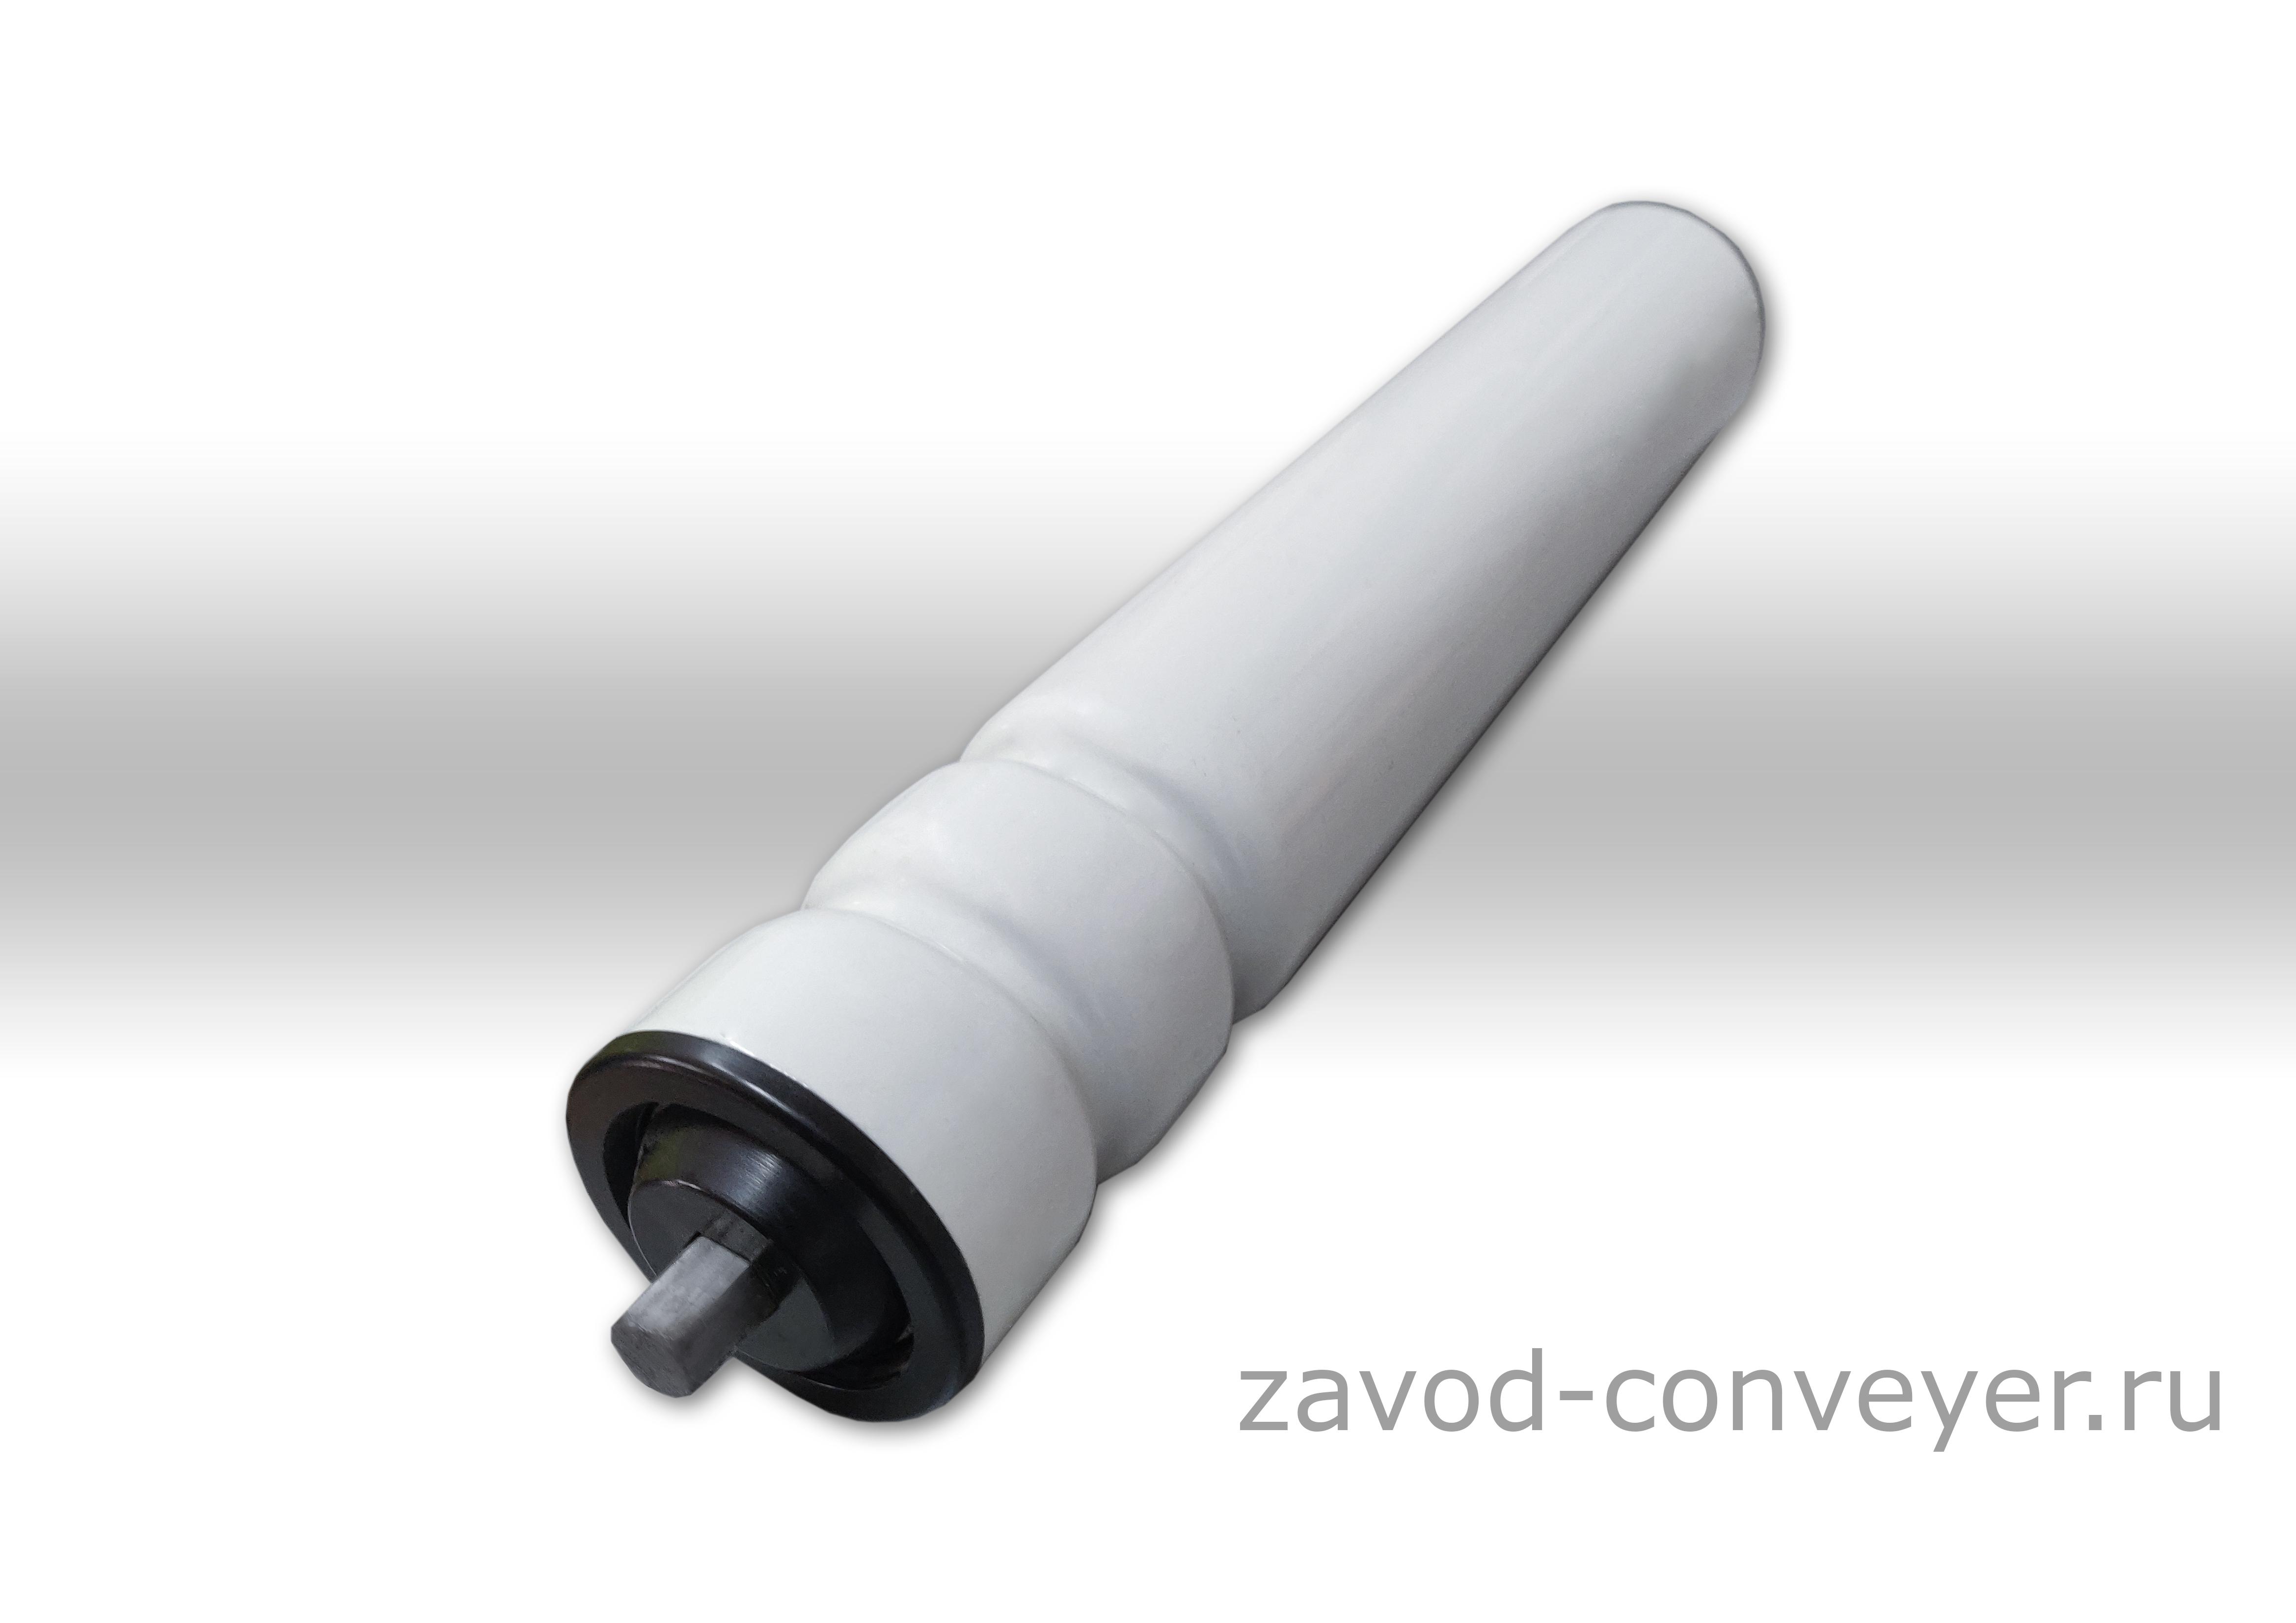 Ролик конвейерный приводной нержавеющий D48/L200